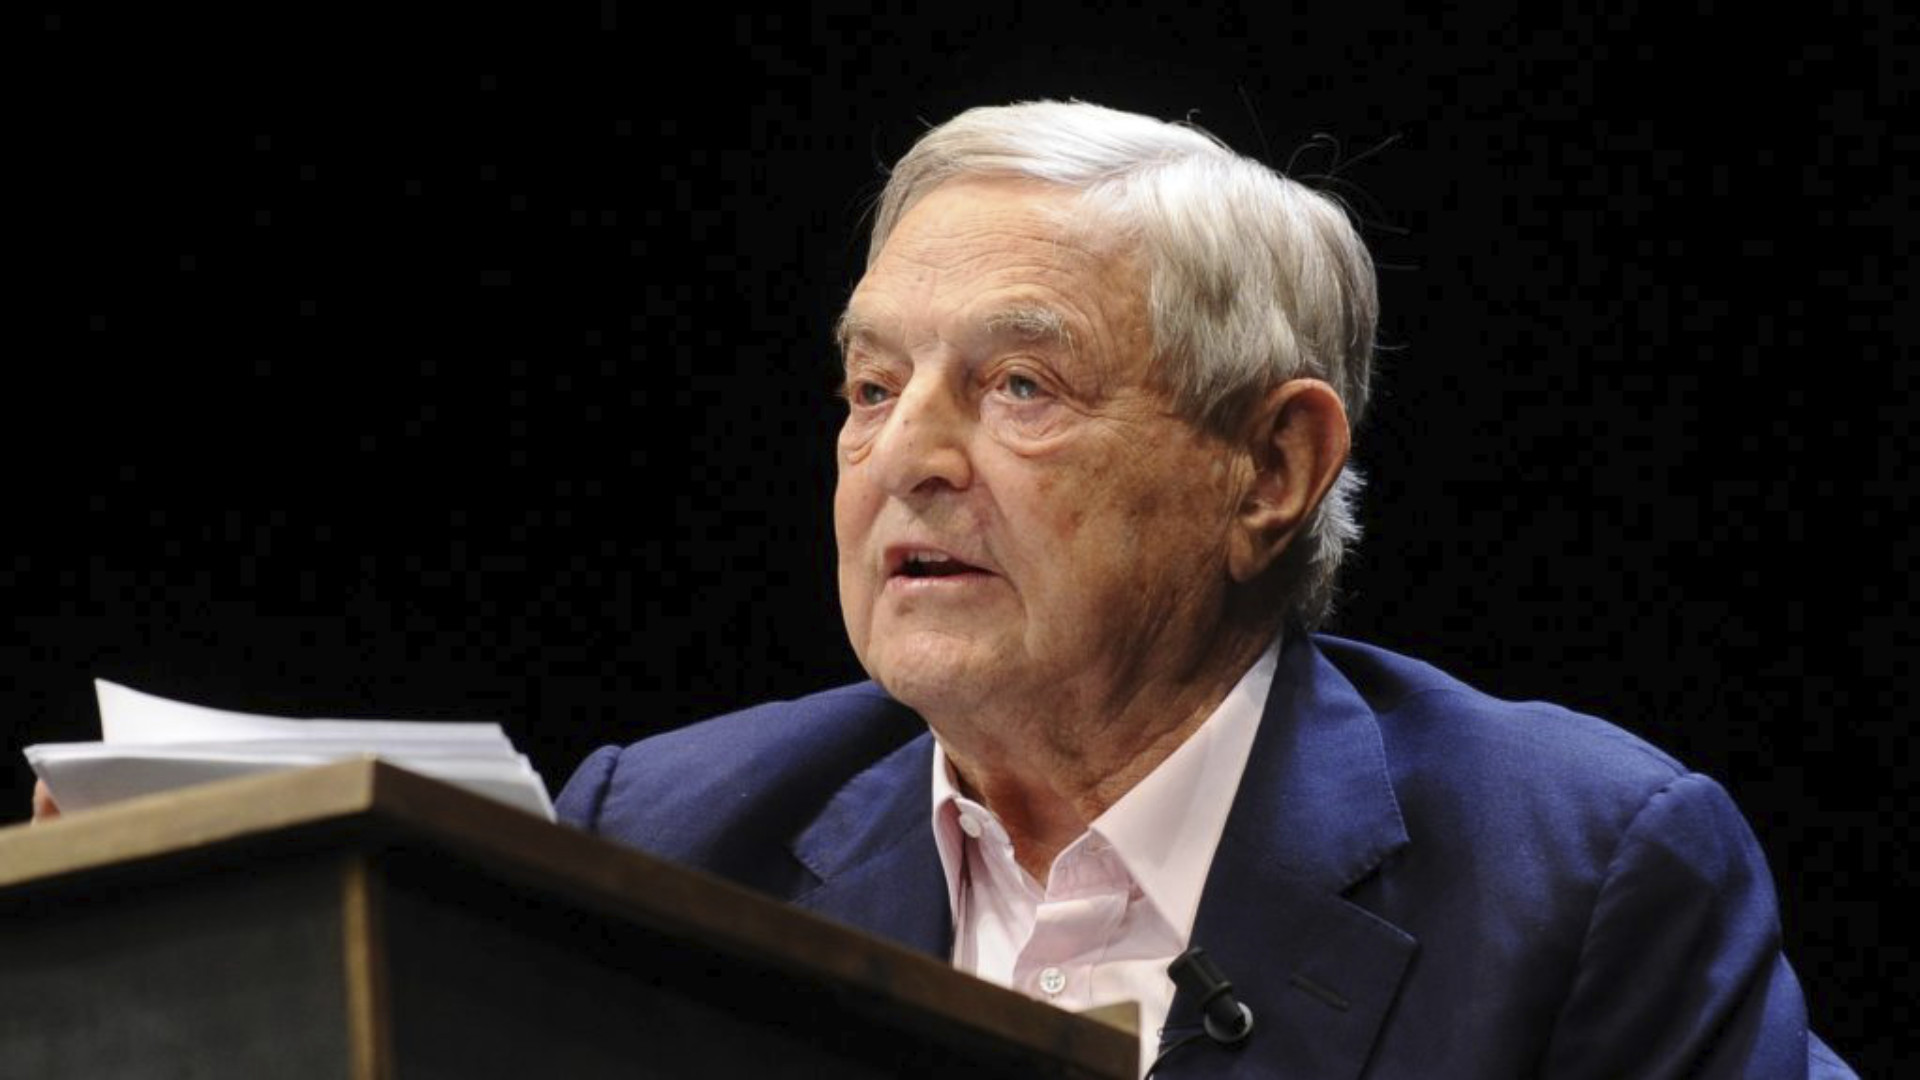 De cómo George Soros pretende cambiar el mundo a base de millones